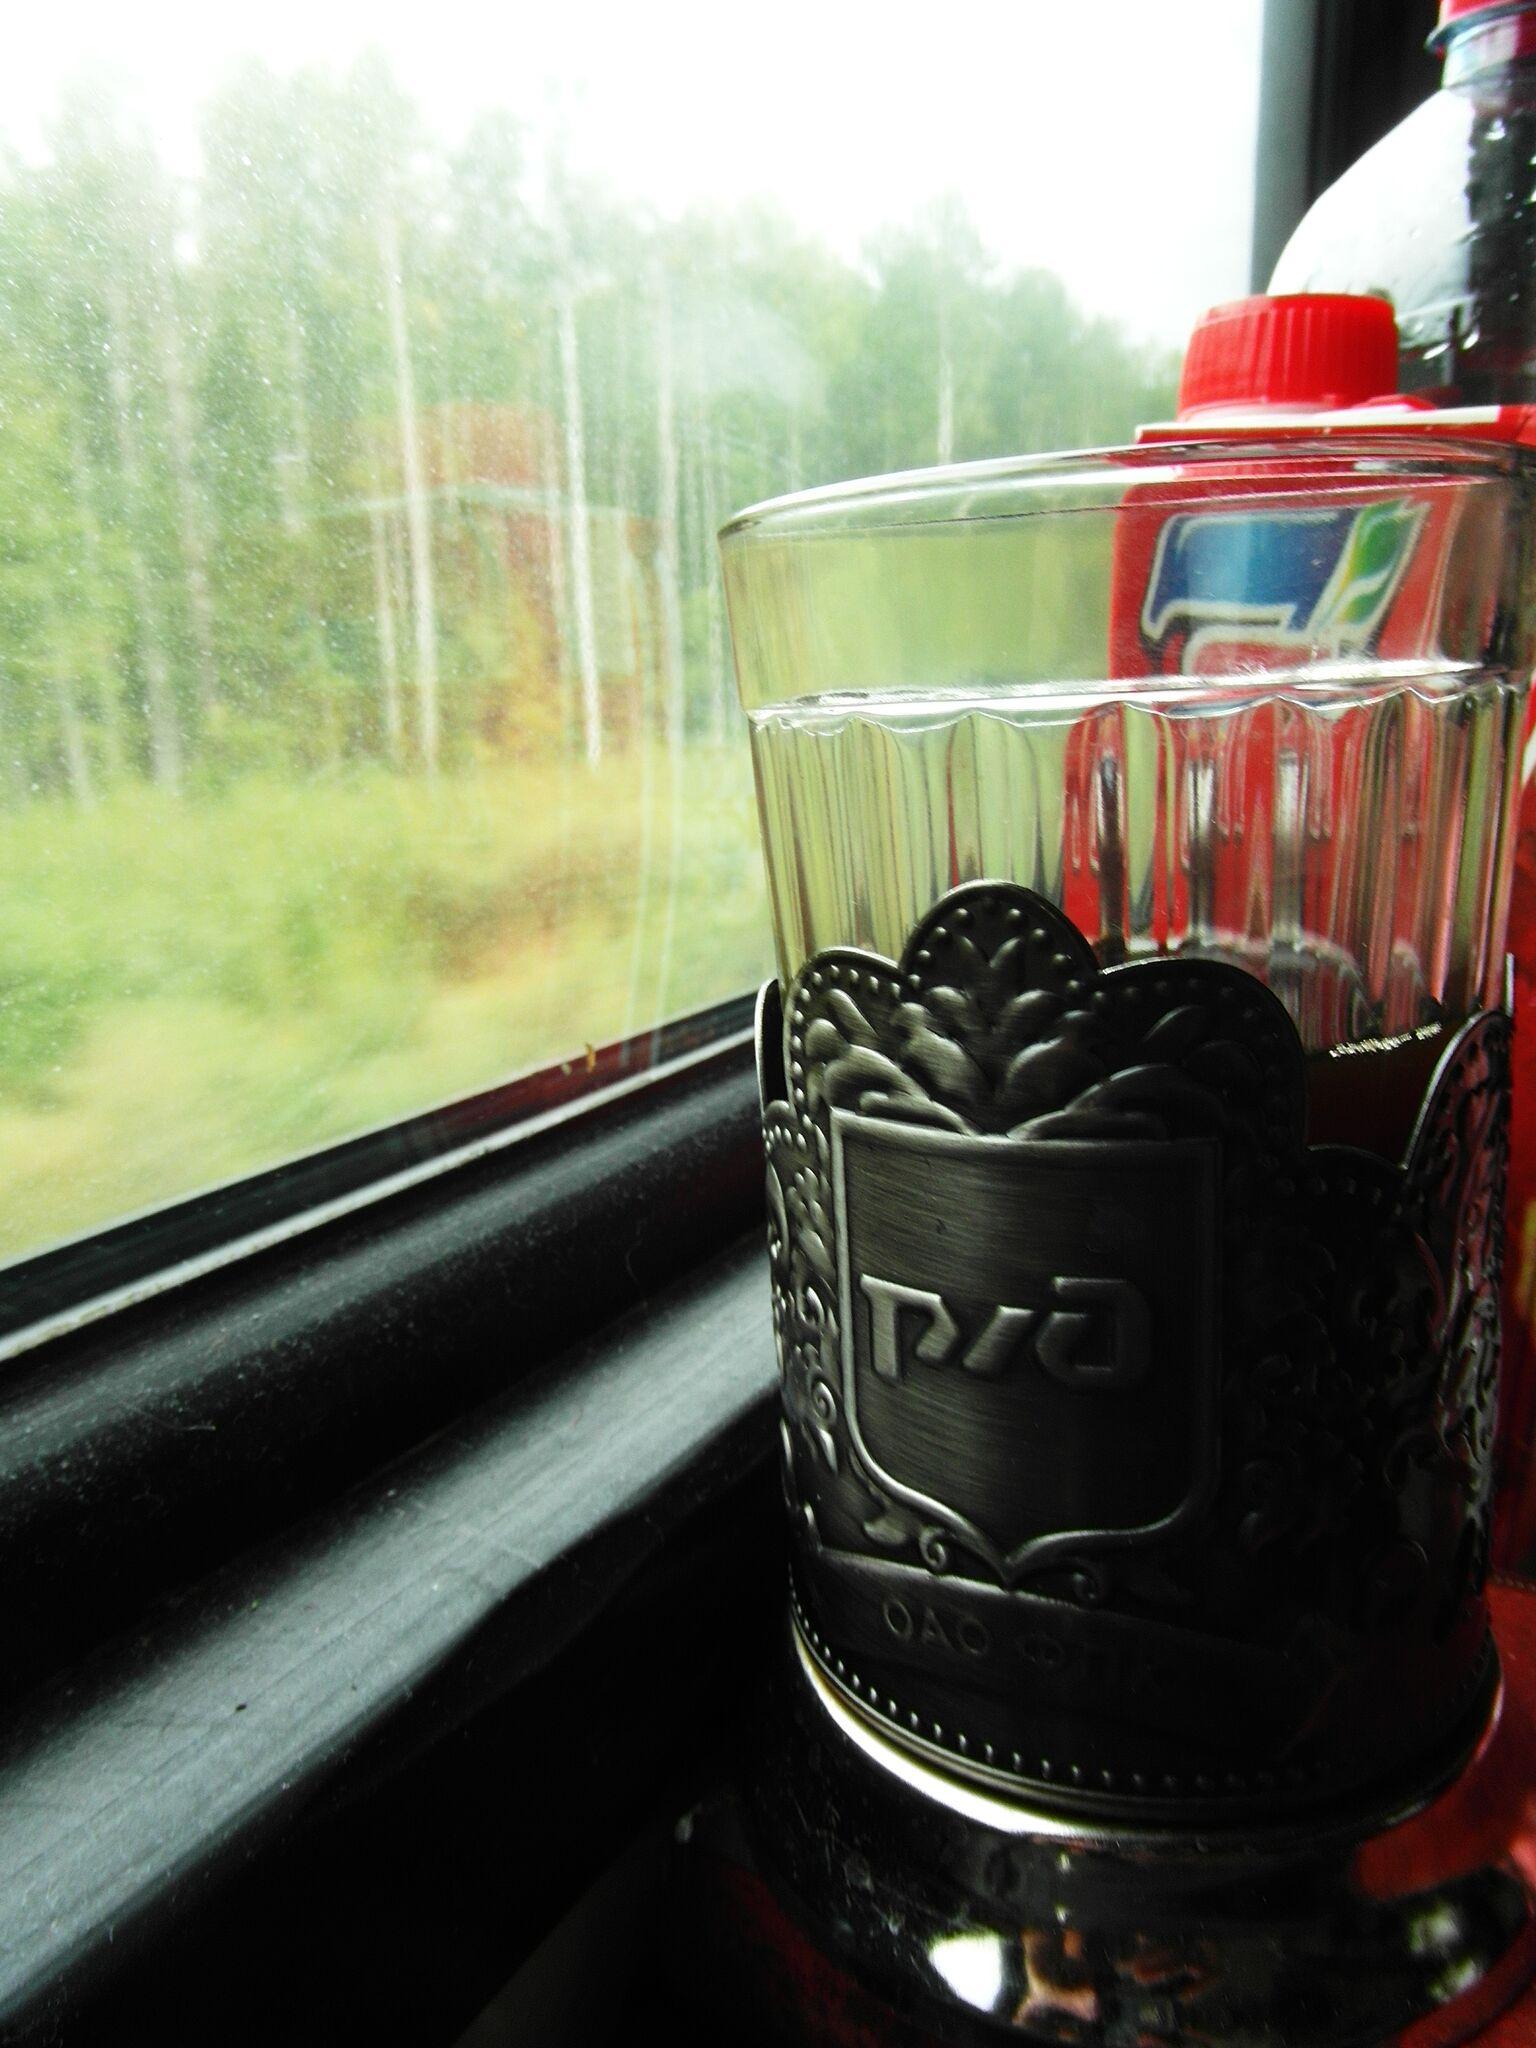 Tipične skodelice pridejo zelo prav na potovanju. Lahko jih kupite kot spominek. Vir: Peggy Loshe